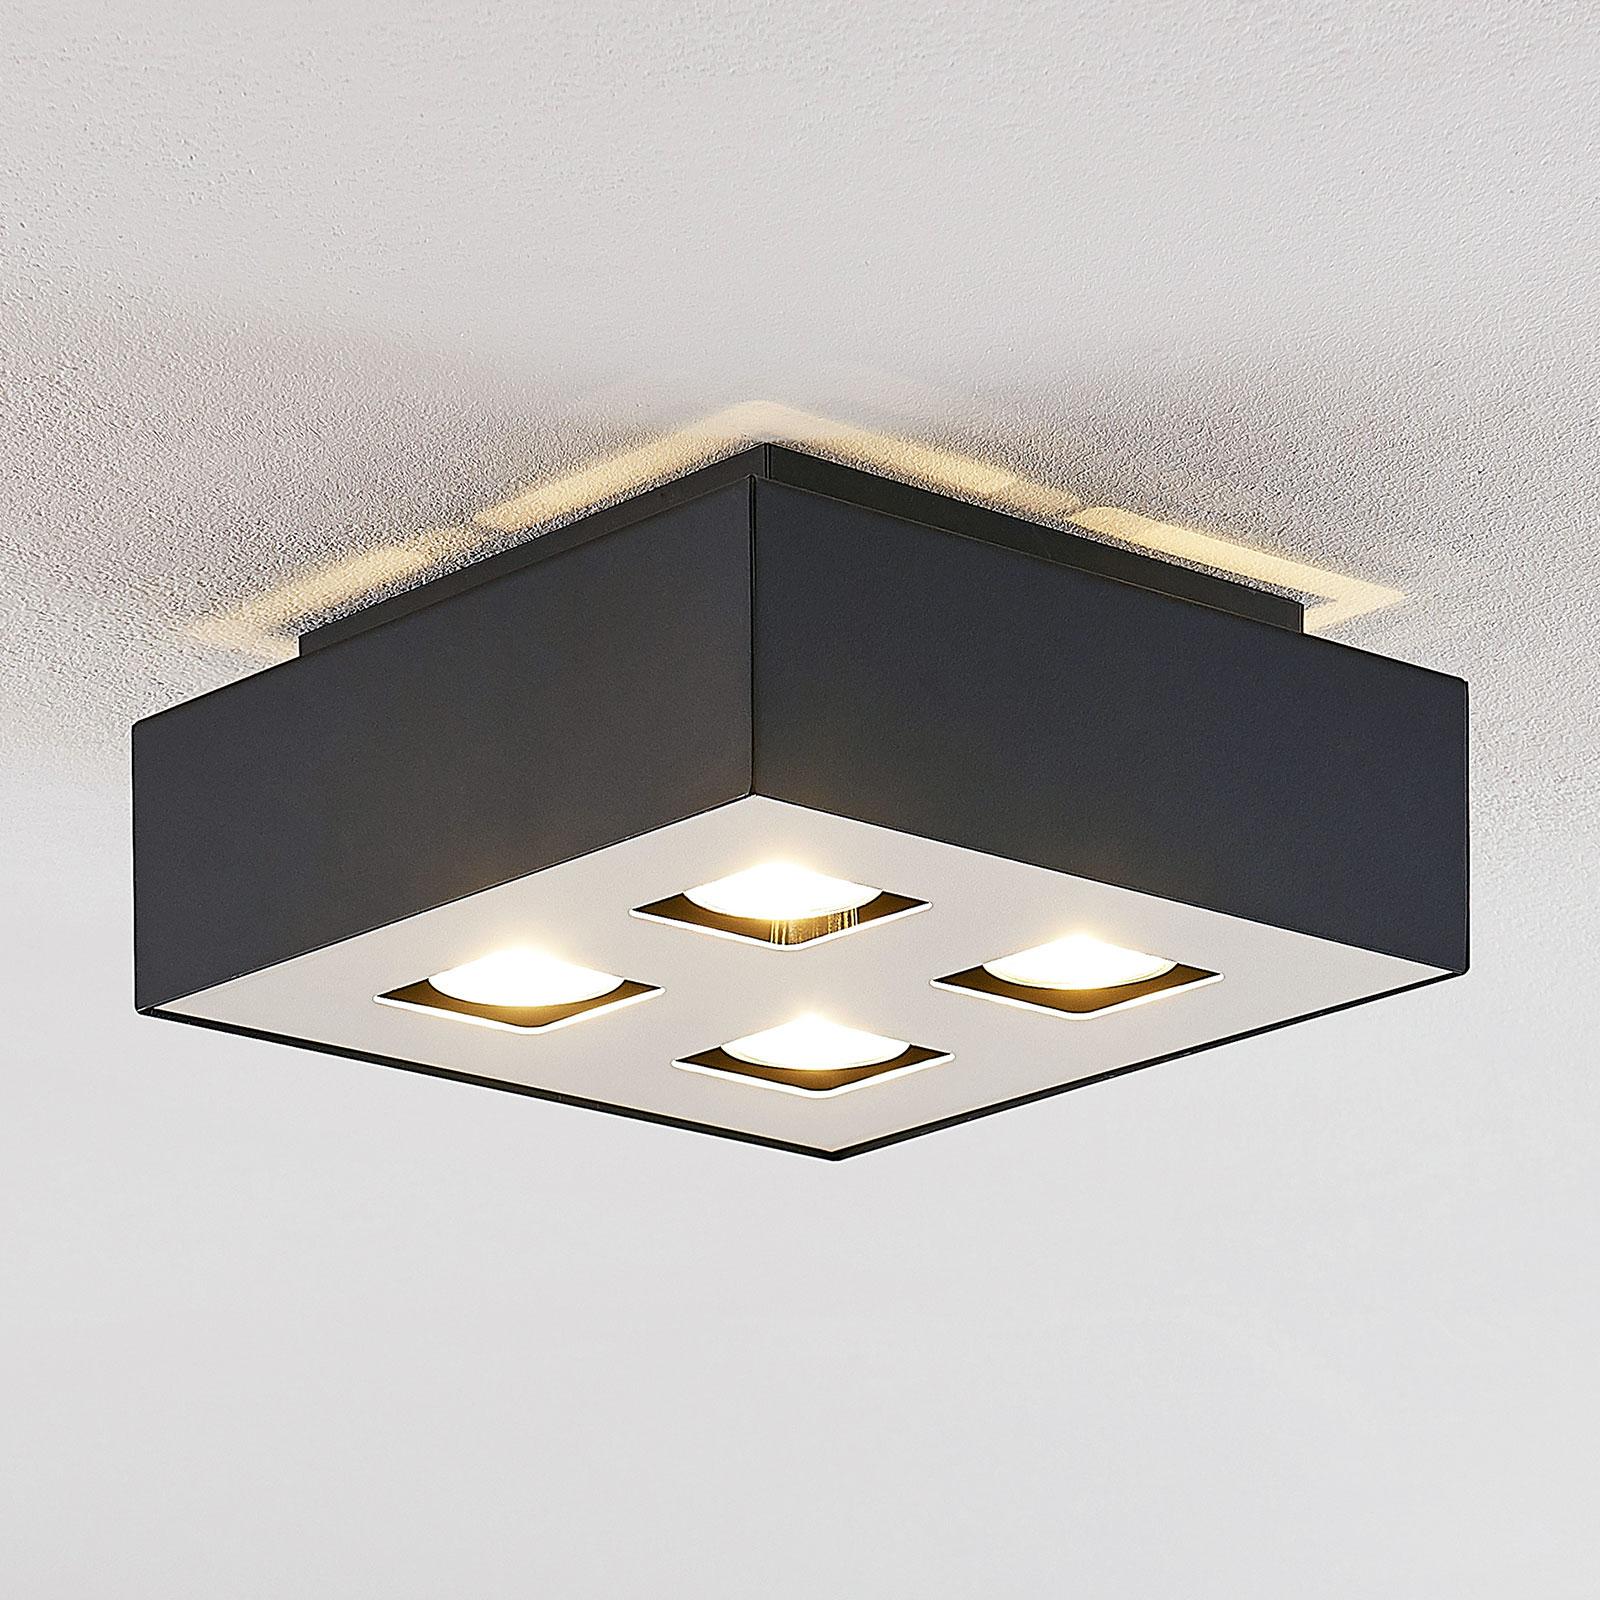 Lindby Kasi lampa sufitowa, 4-punktowa, 24 x 24 cm